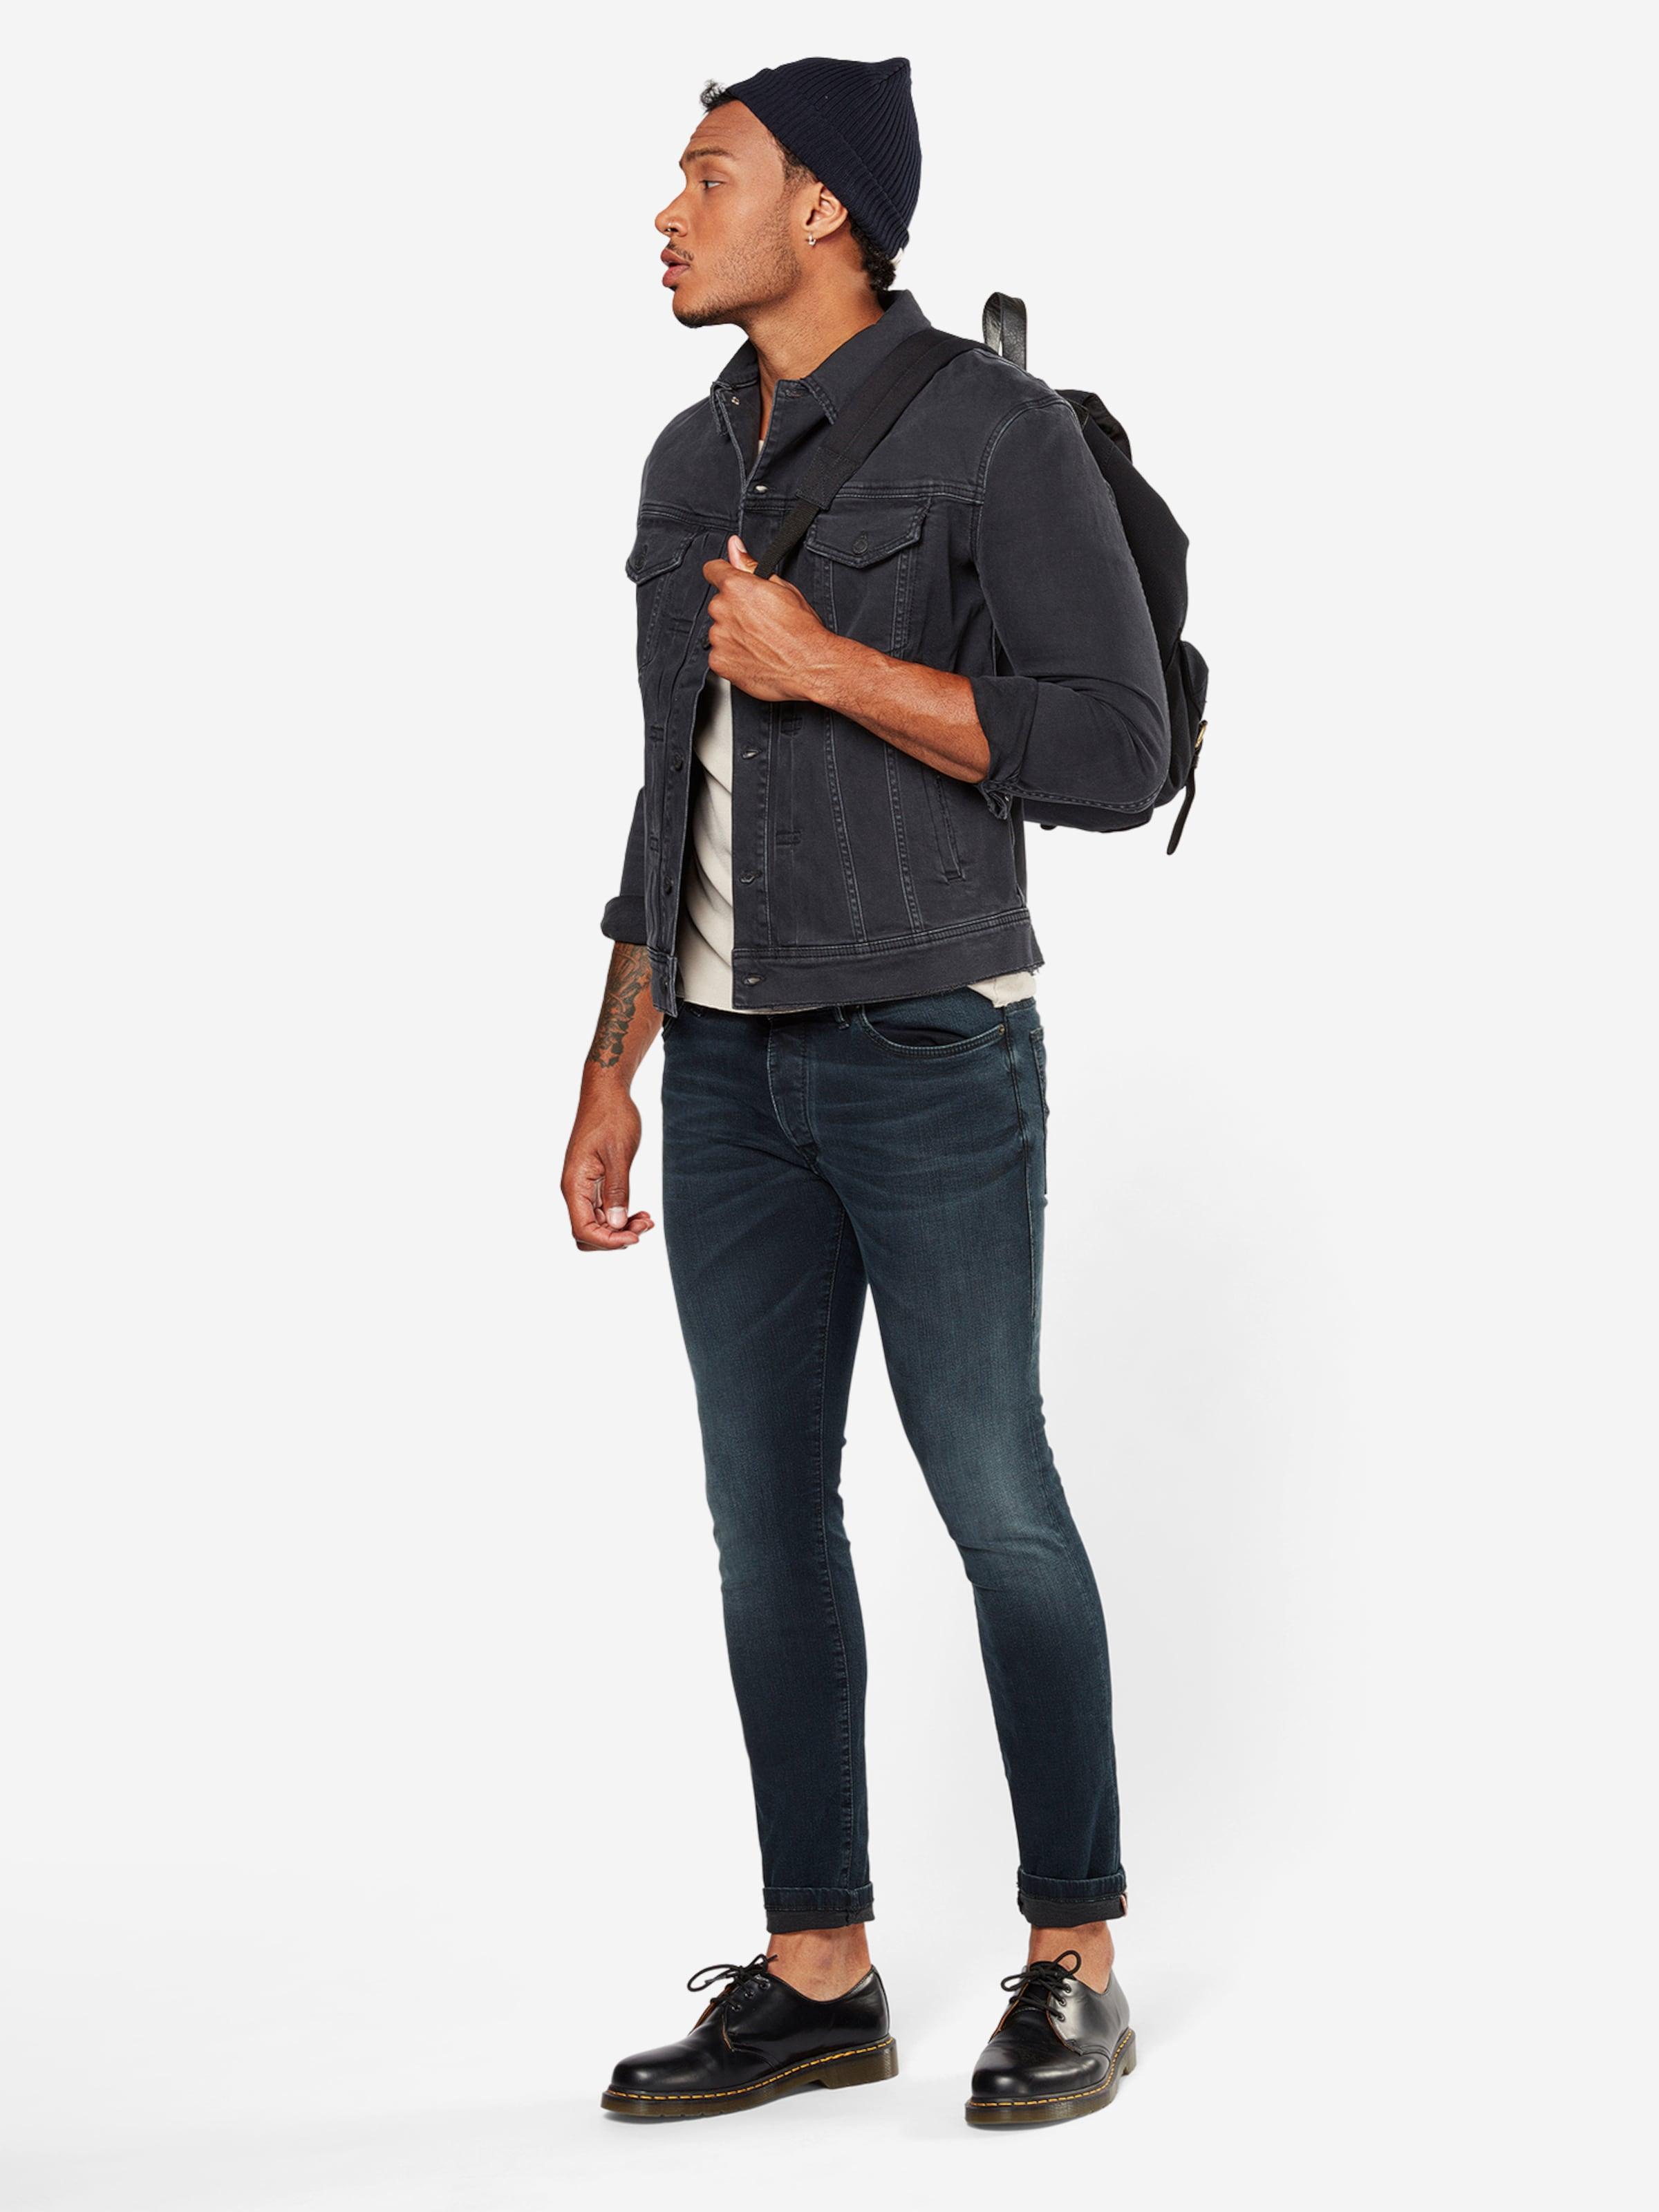 Schnell Express Rabatt Exklusiv DRYKORN Jeans 'Jaz' Auslass Der Billigsten Billig Verkauf Wirklich Spielraum Wählen Eine Beste gX9XDIr